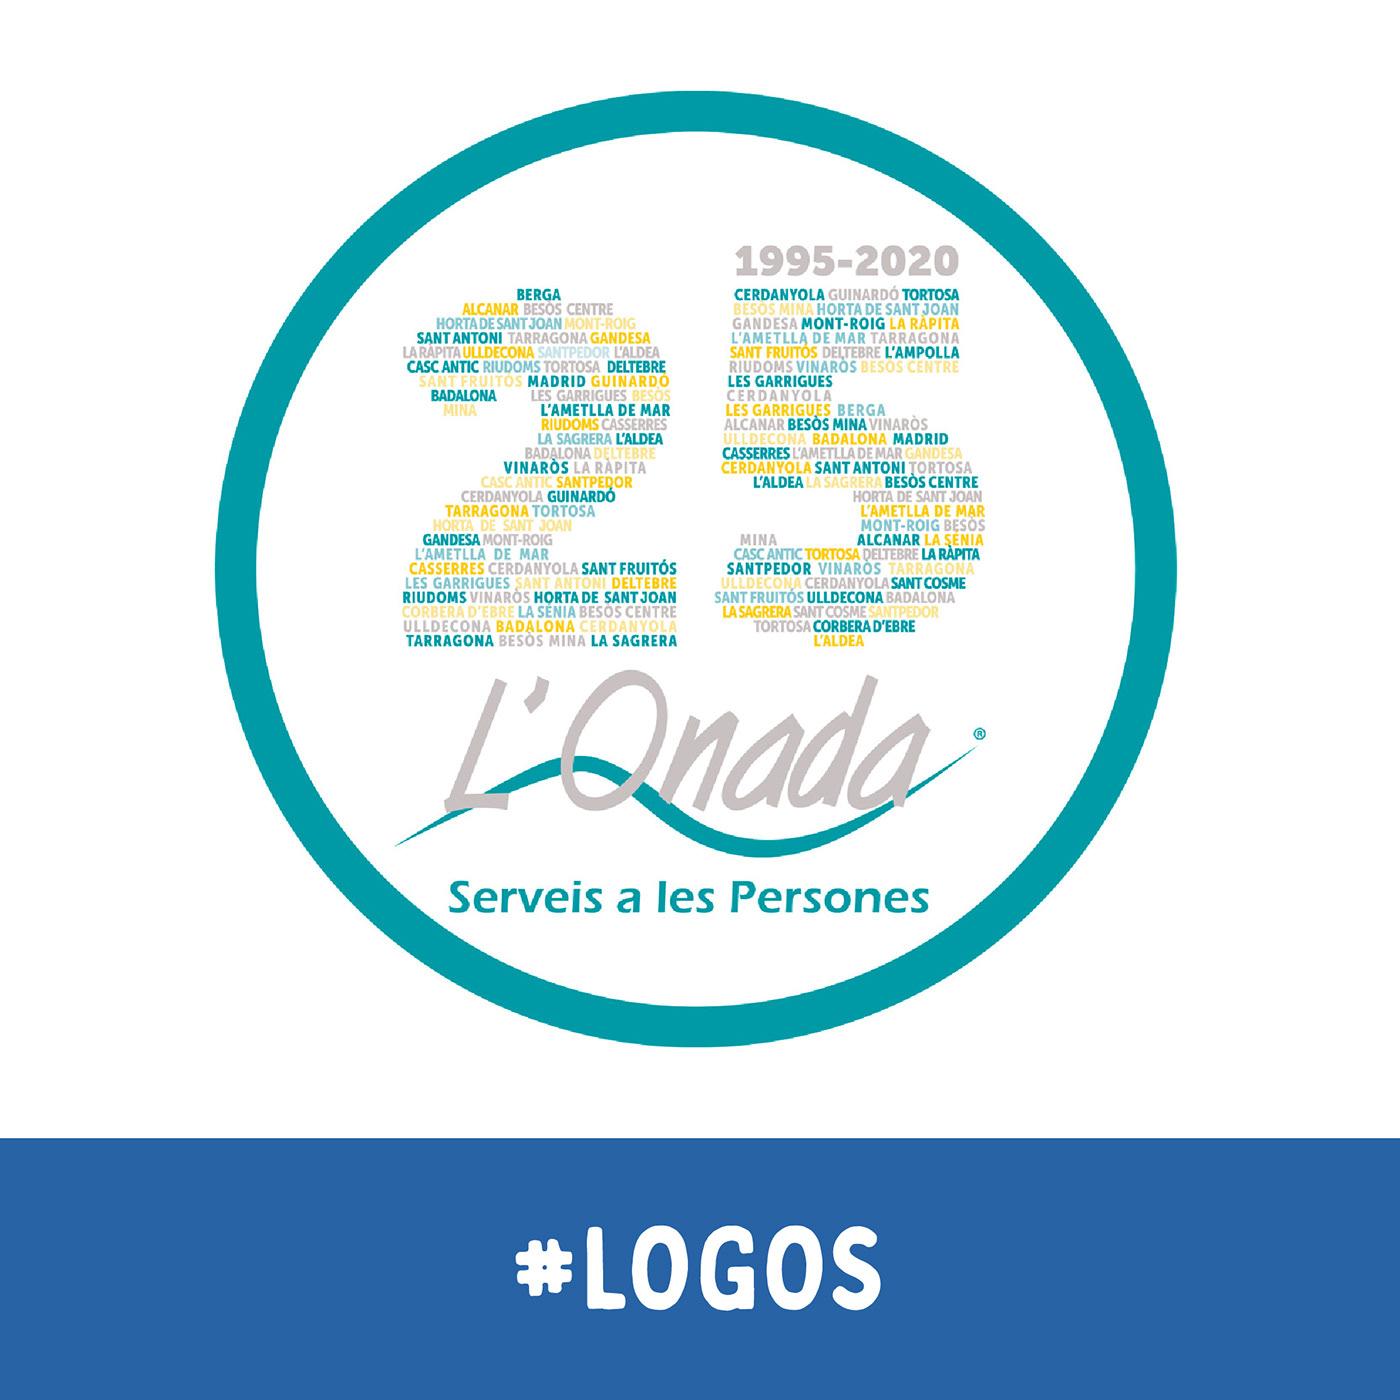 Logotipo para el 25 aniversario de L'Onada Serveis. Incorpora tipográficamente los centros actuales.